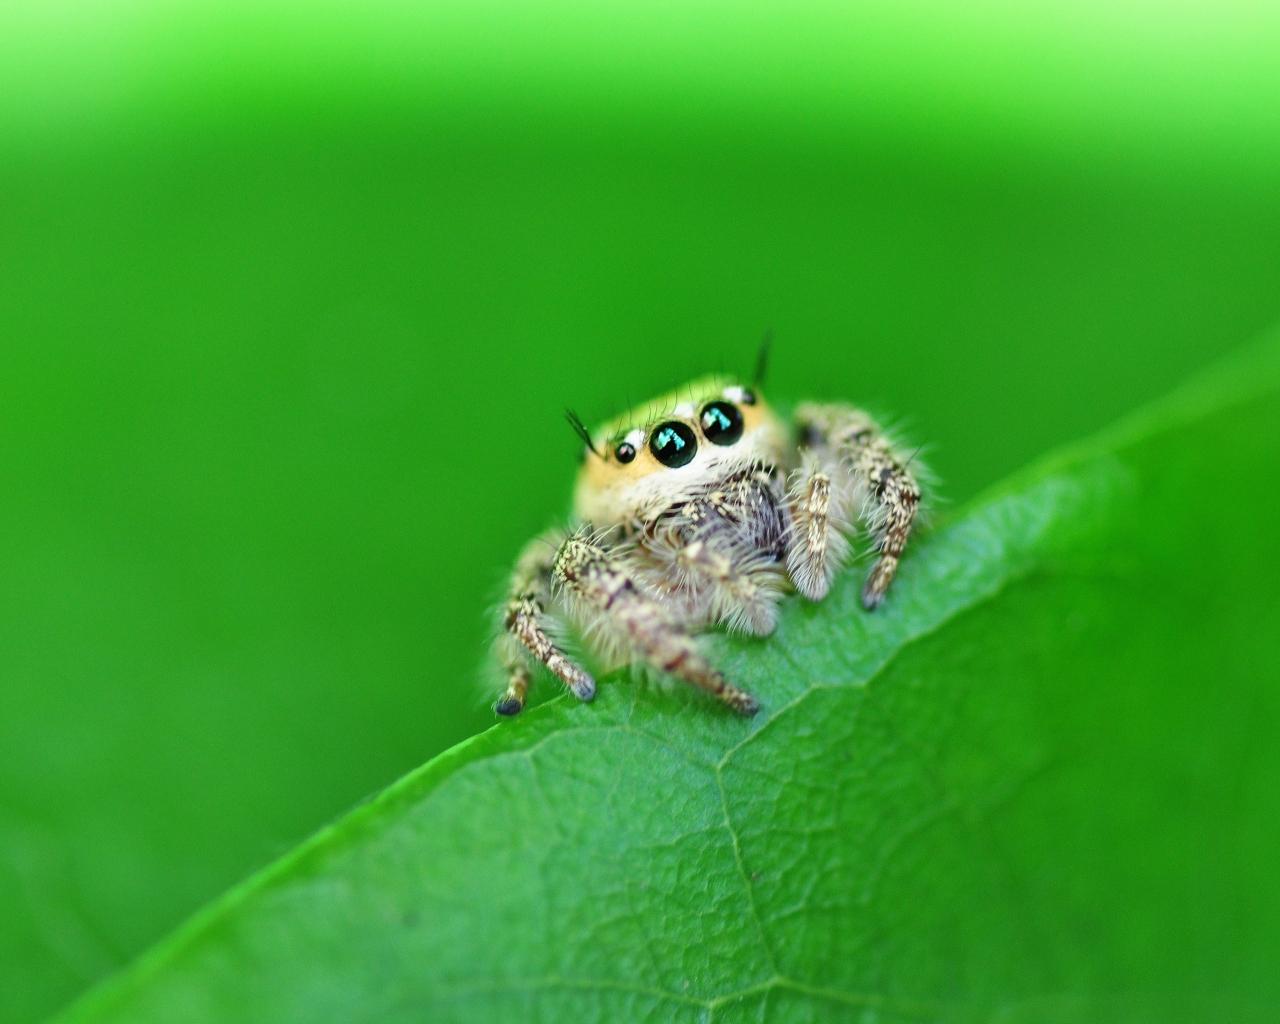 Una pequeña hermosa araña - 1280x1024